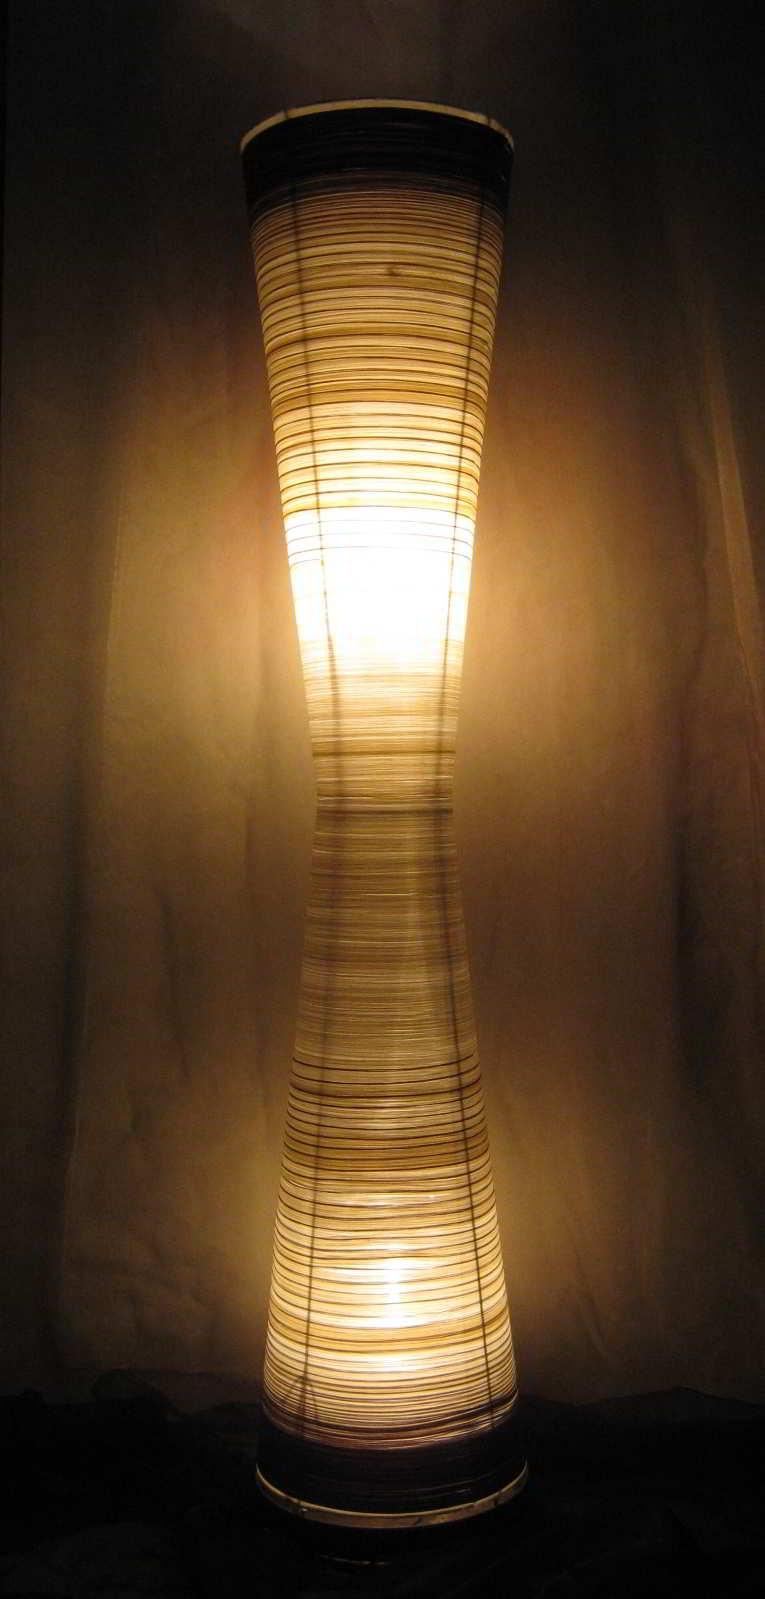 Lampade Etniche Lampade Da Parete E Da Muro Piantane Moderne Appliq ...